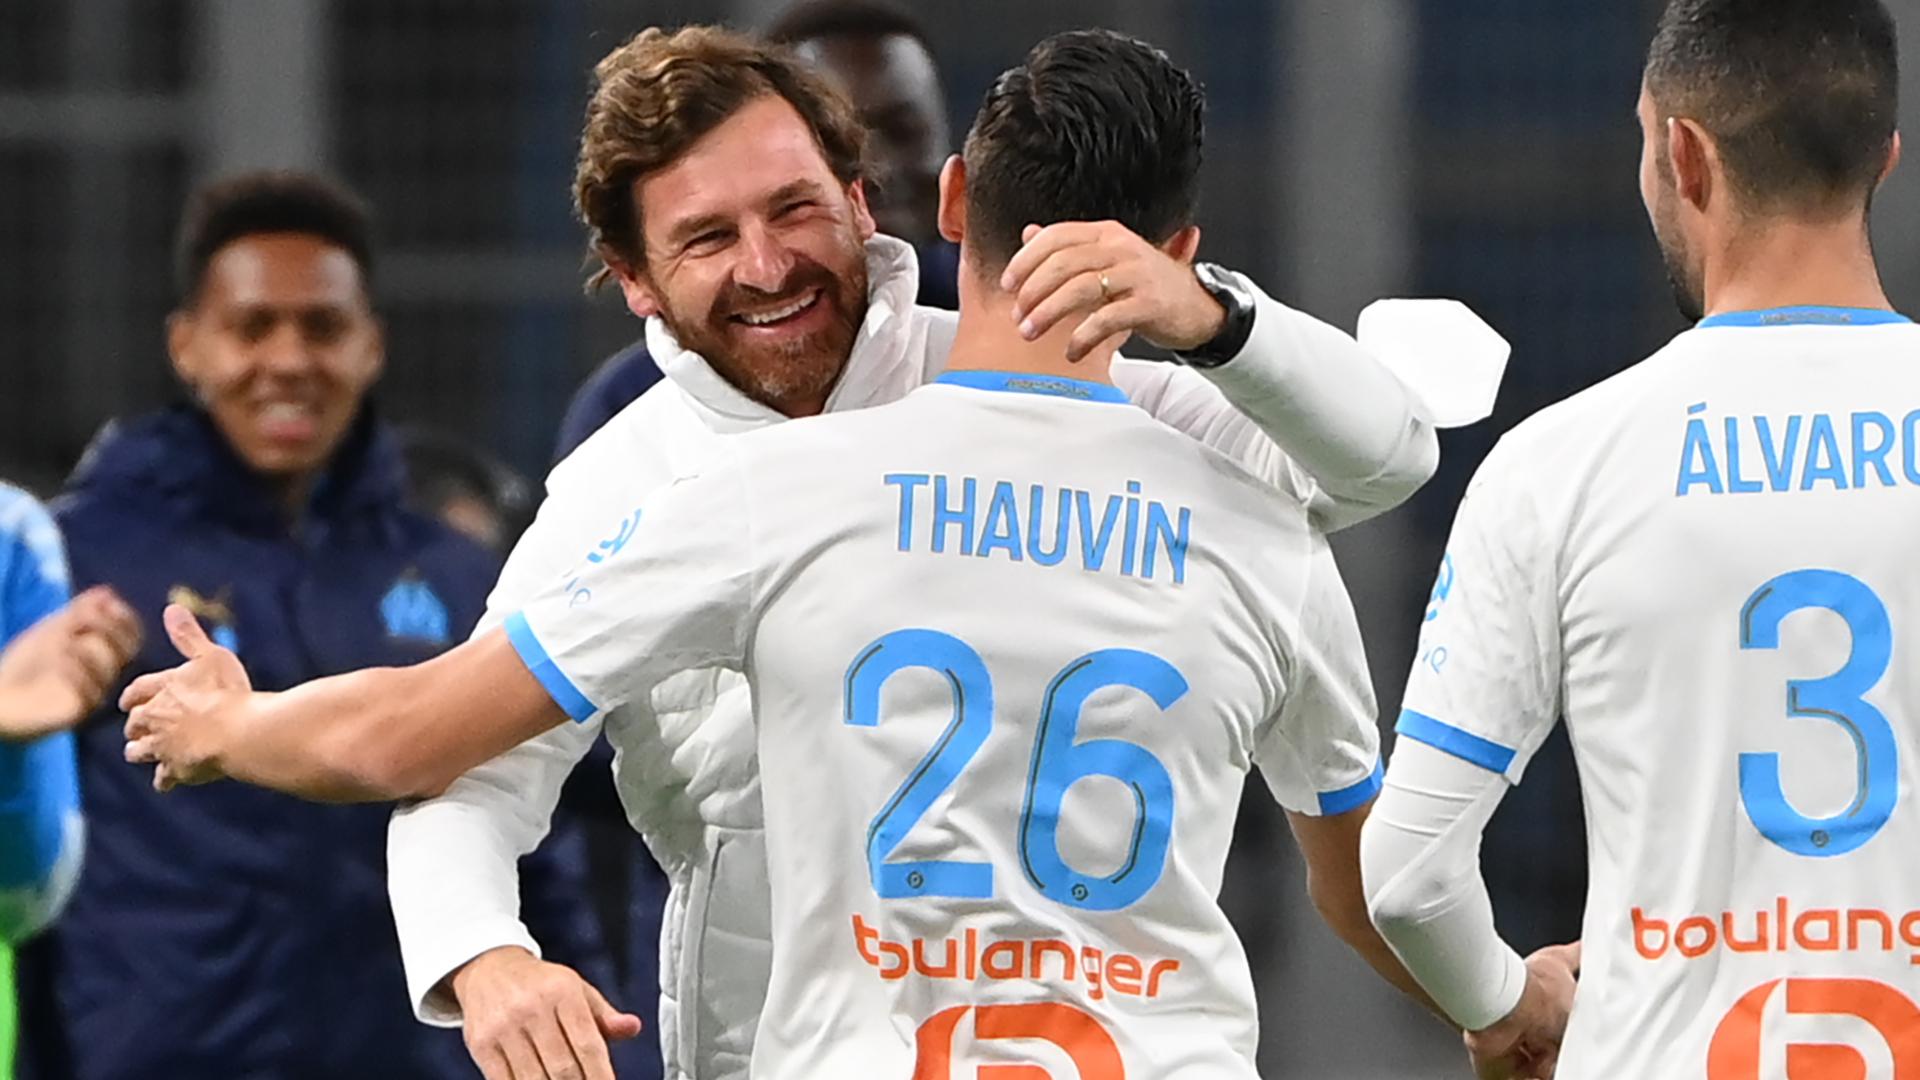 Villas-Boas titularise Cuisance, Ben Arfa débute pour Bordeaux